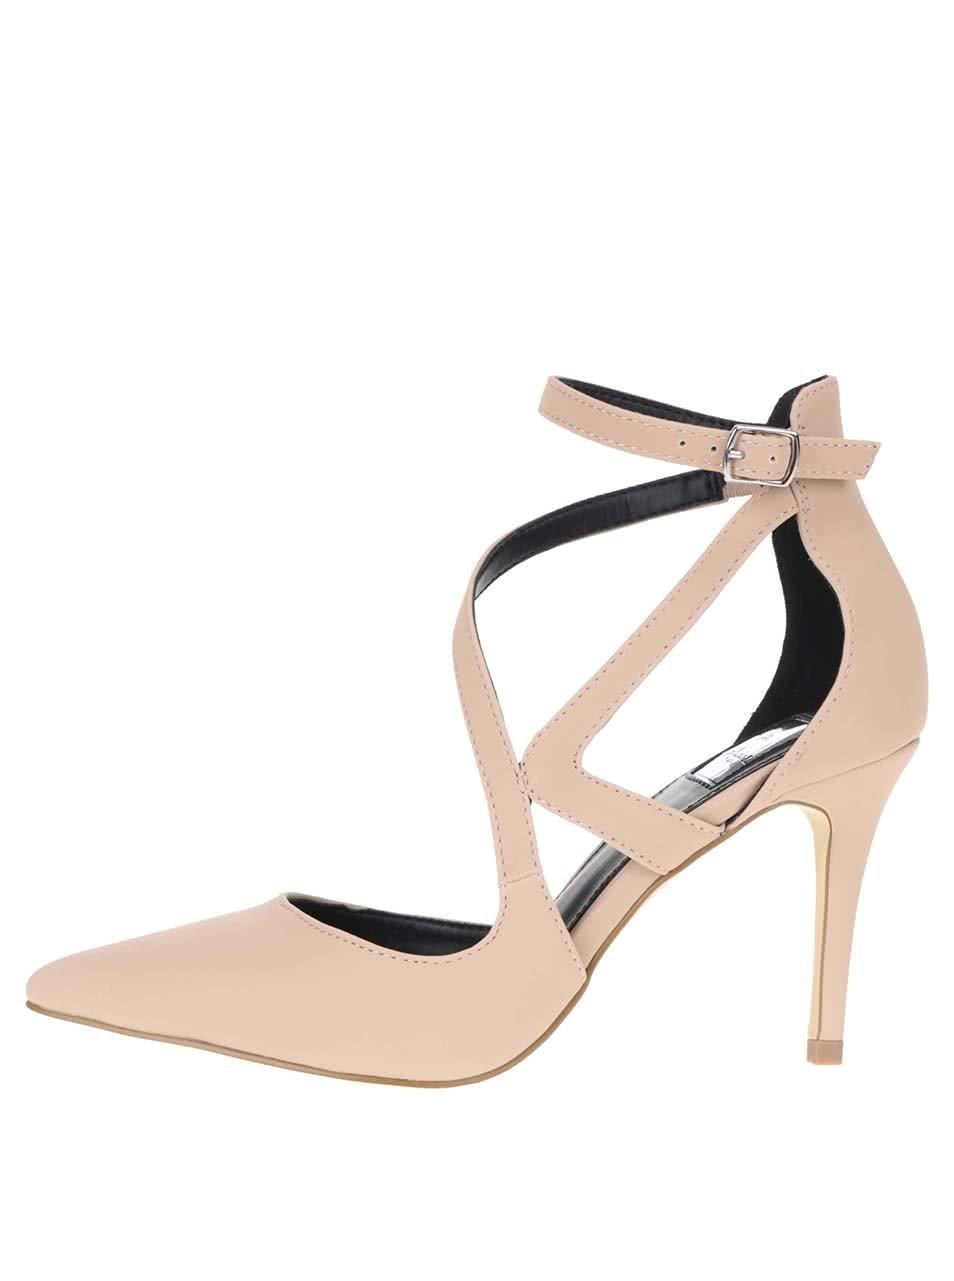 Béžové sandálky na podpatku Miss Selfridge